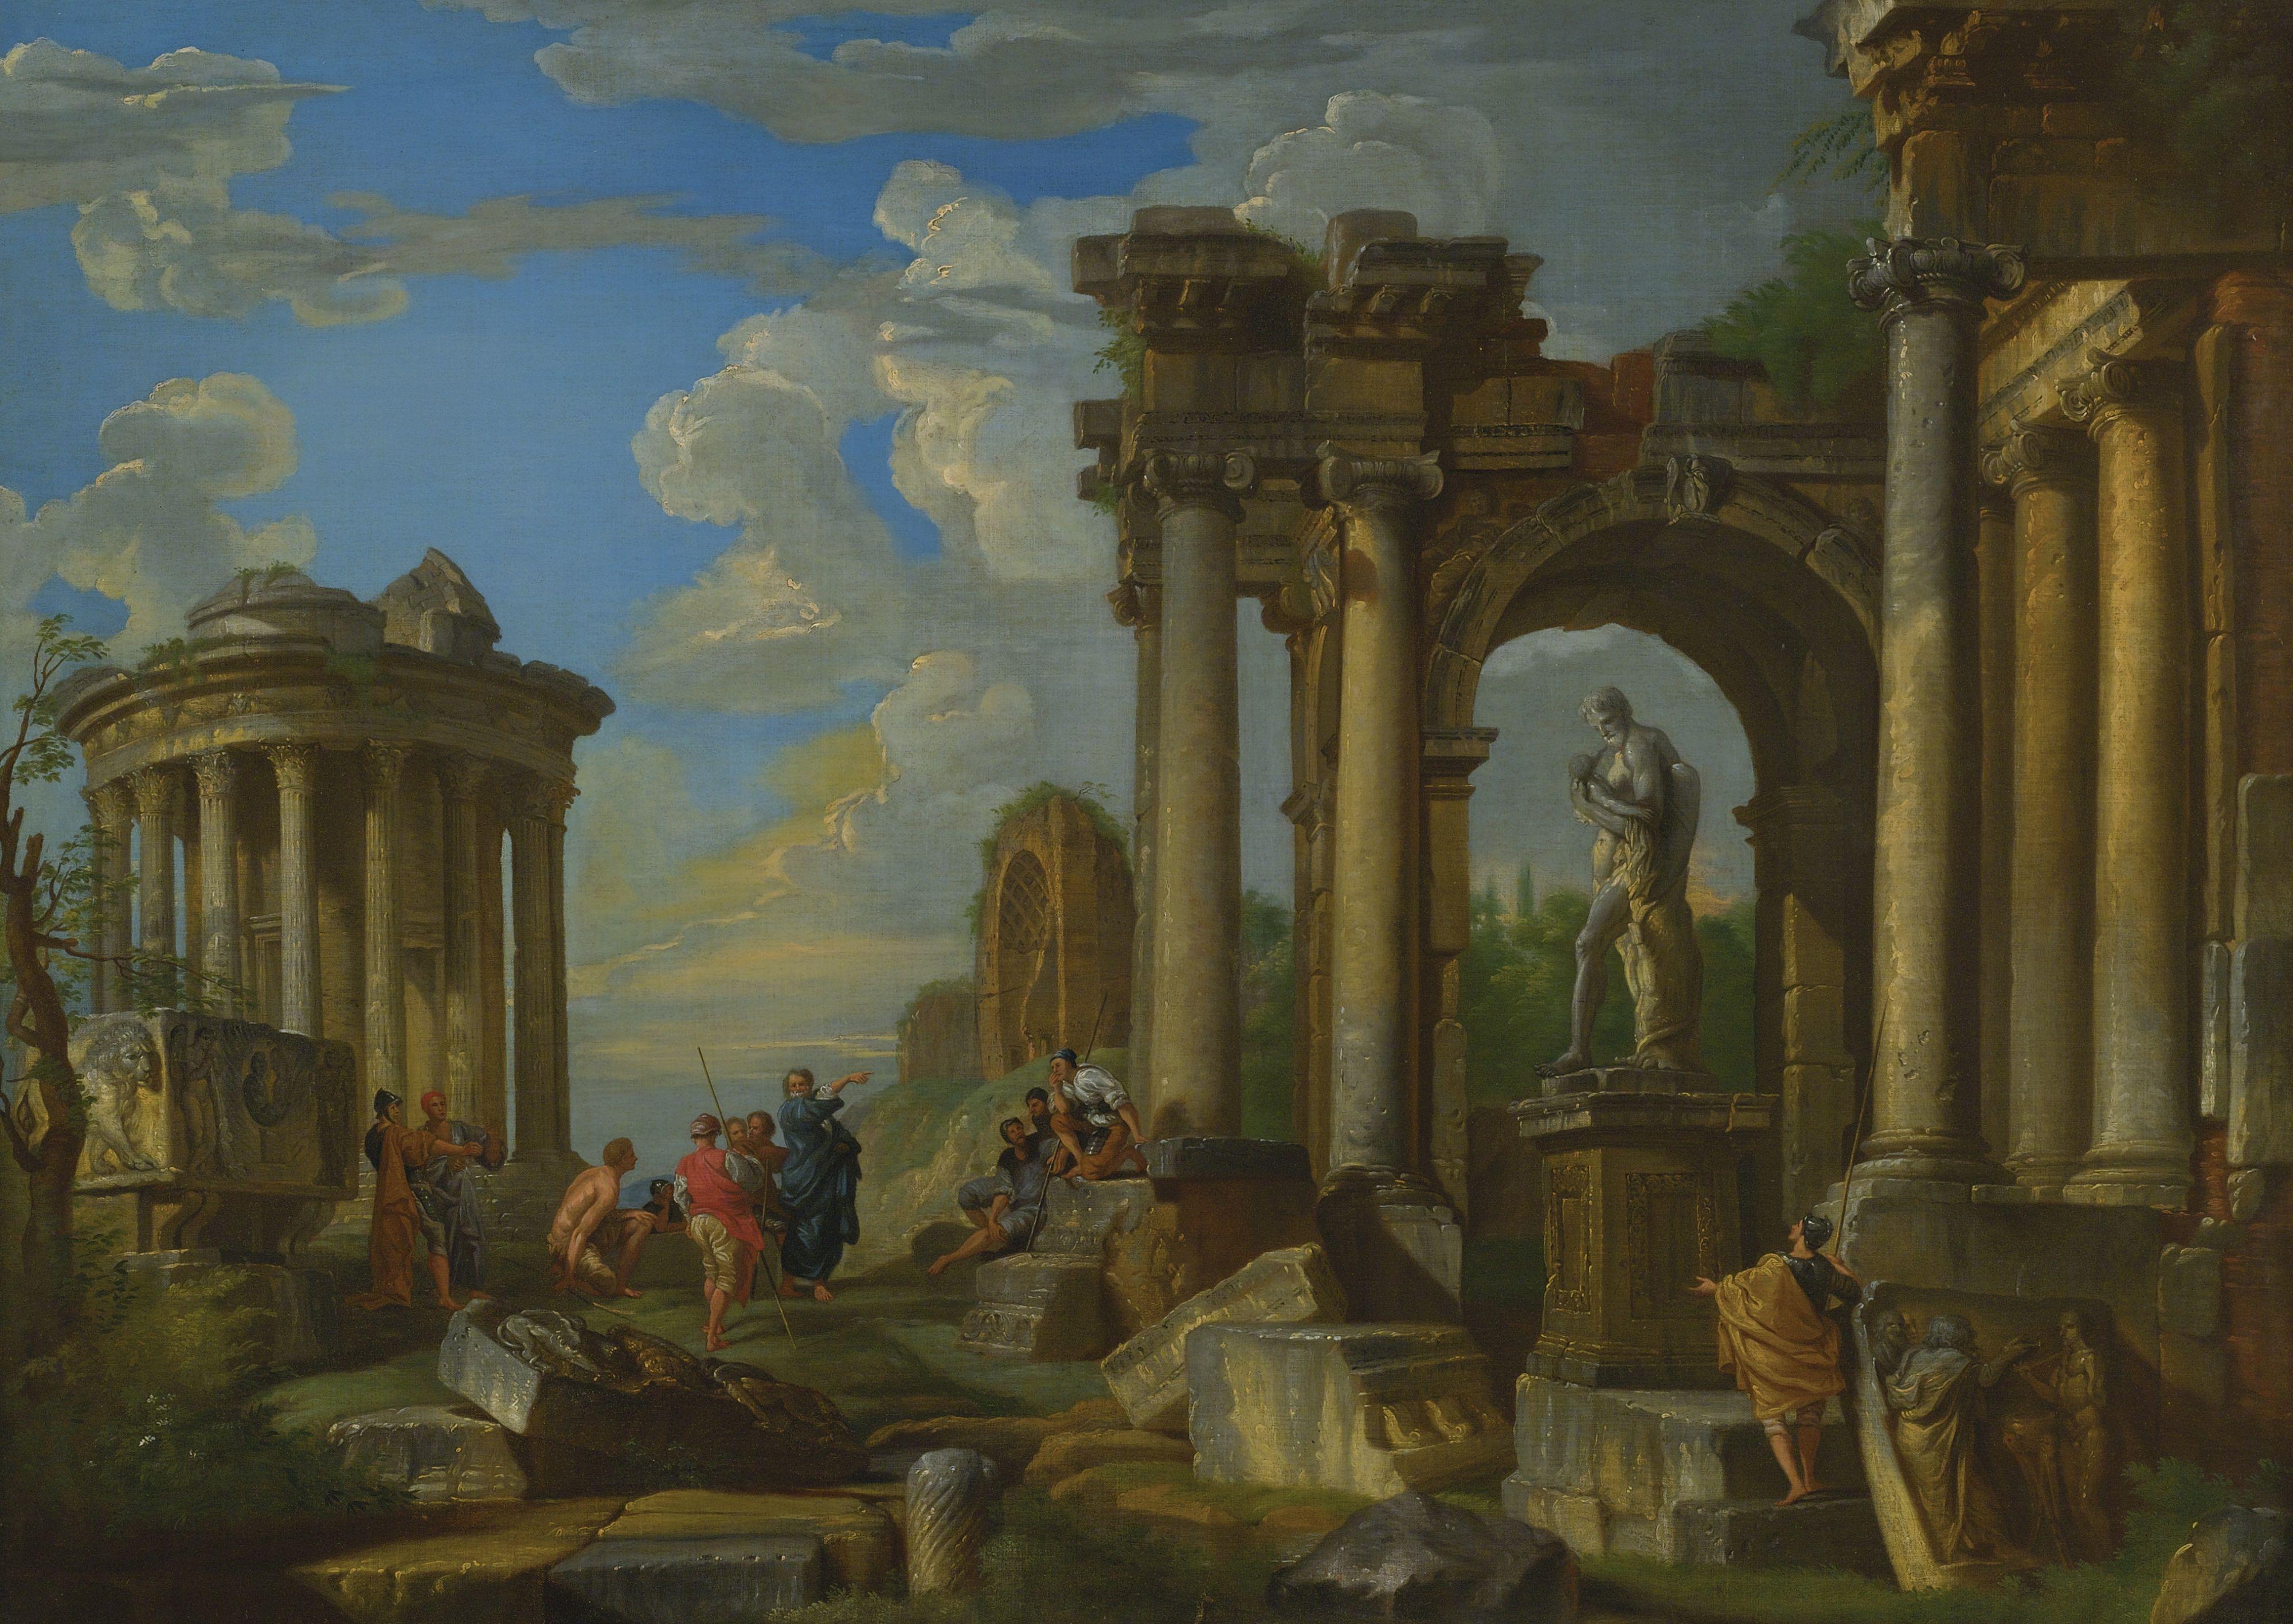 картинки римской эпохи сложат печенья